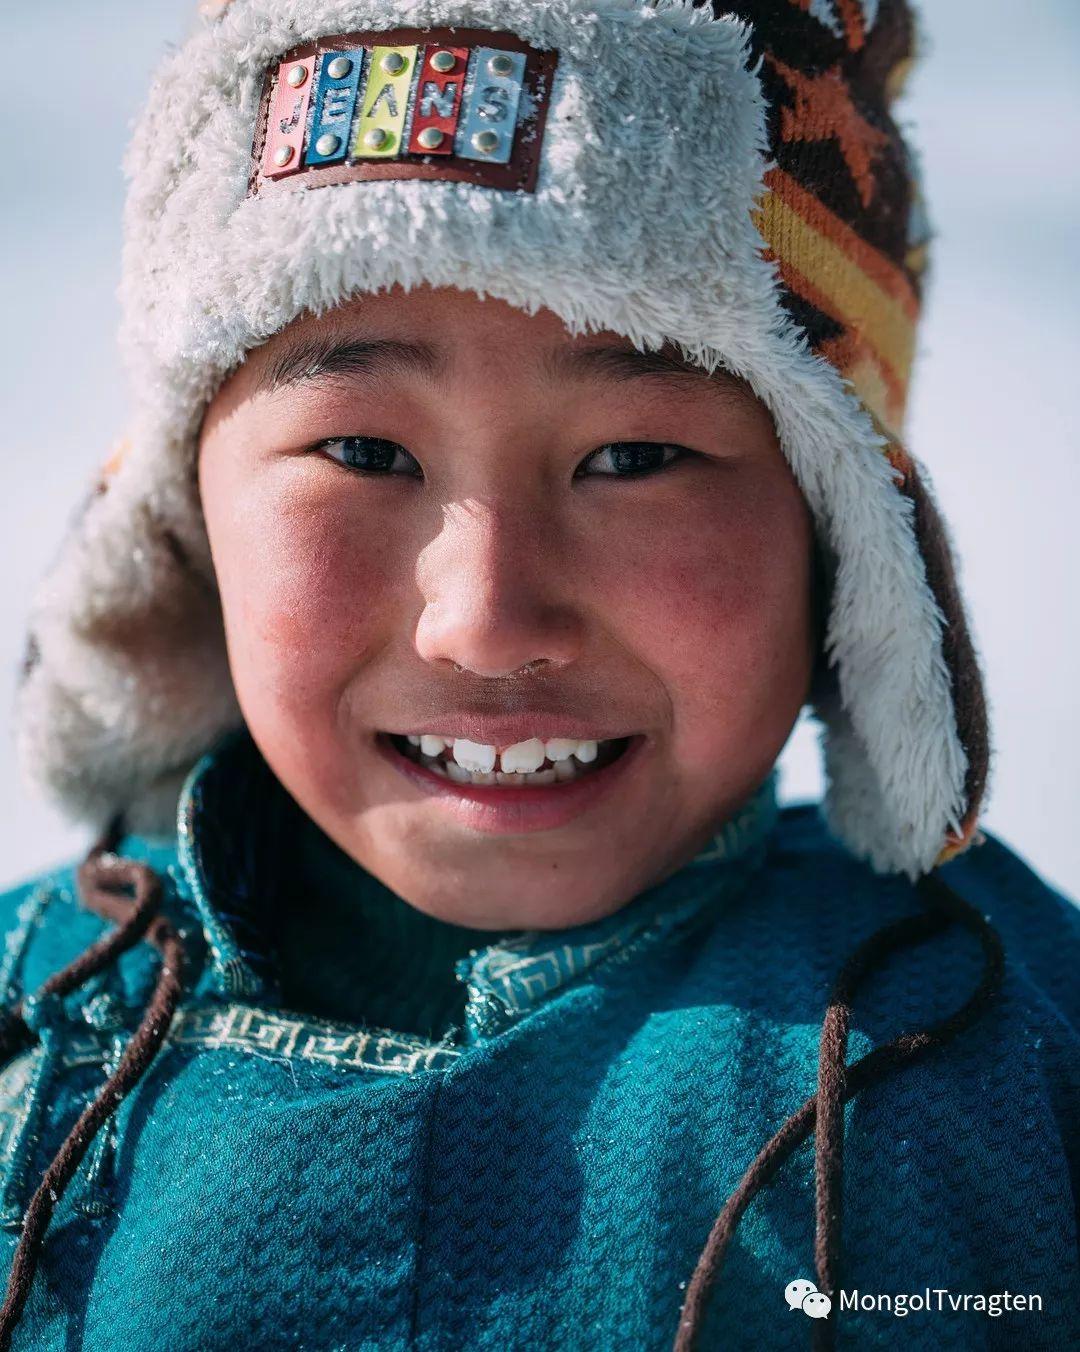 蒙古影像-- khangaikhuu.P 第1张 蒙古影像-- khangaikhuu.P 蒙古文化